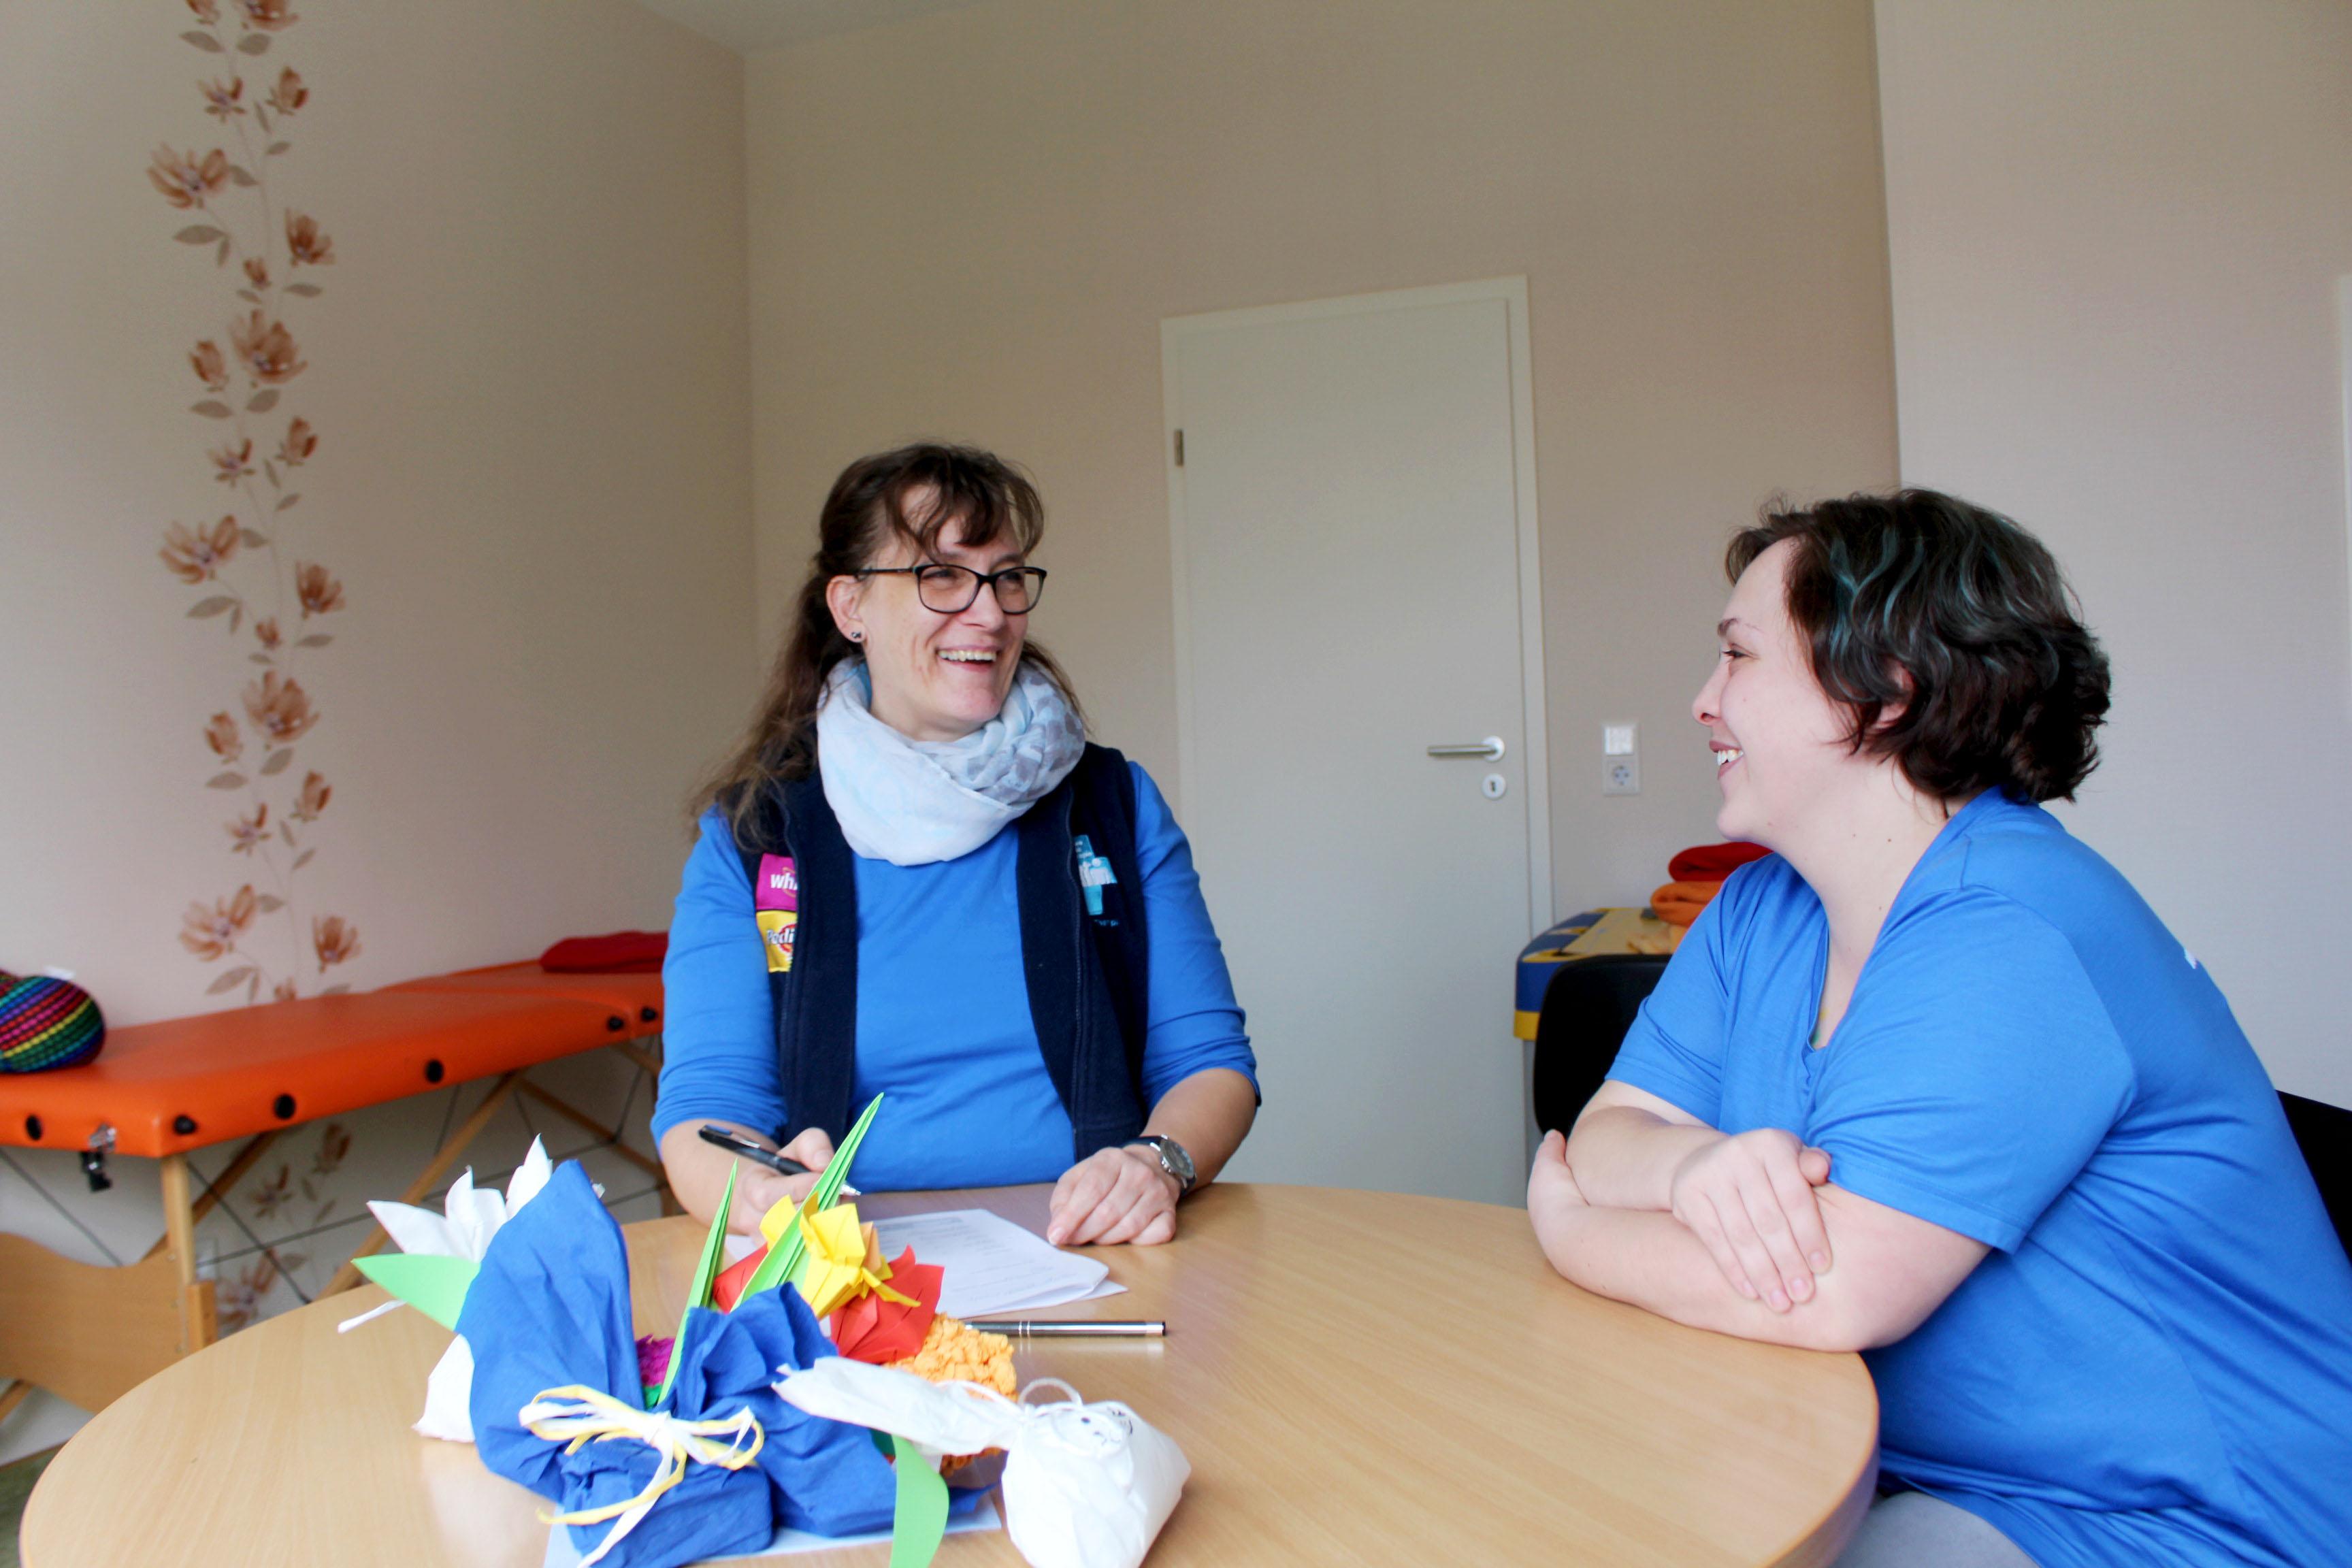 Zwei Frauen sitzen am Tisch und unterhalten sich.